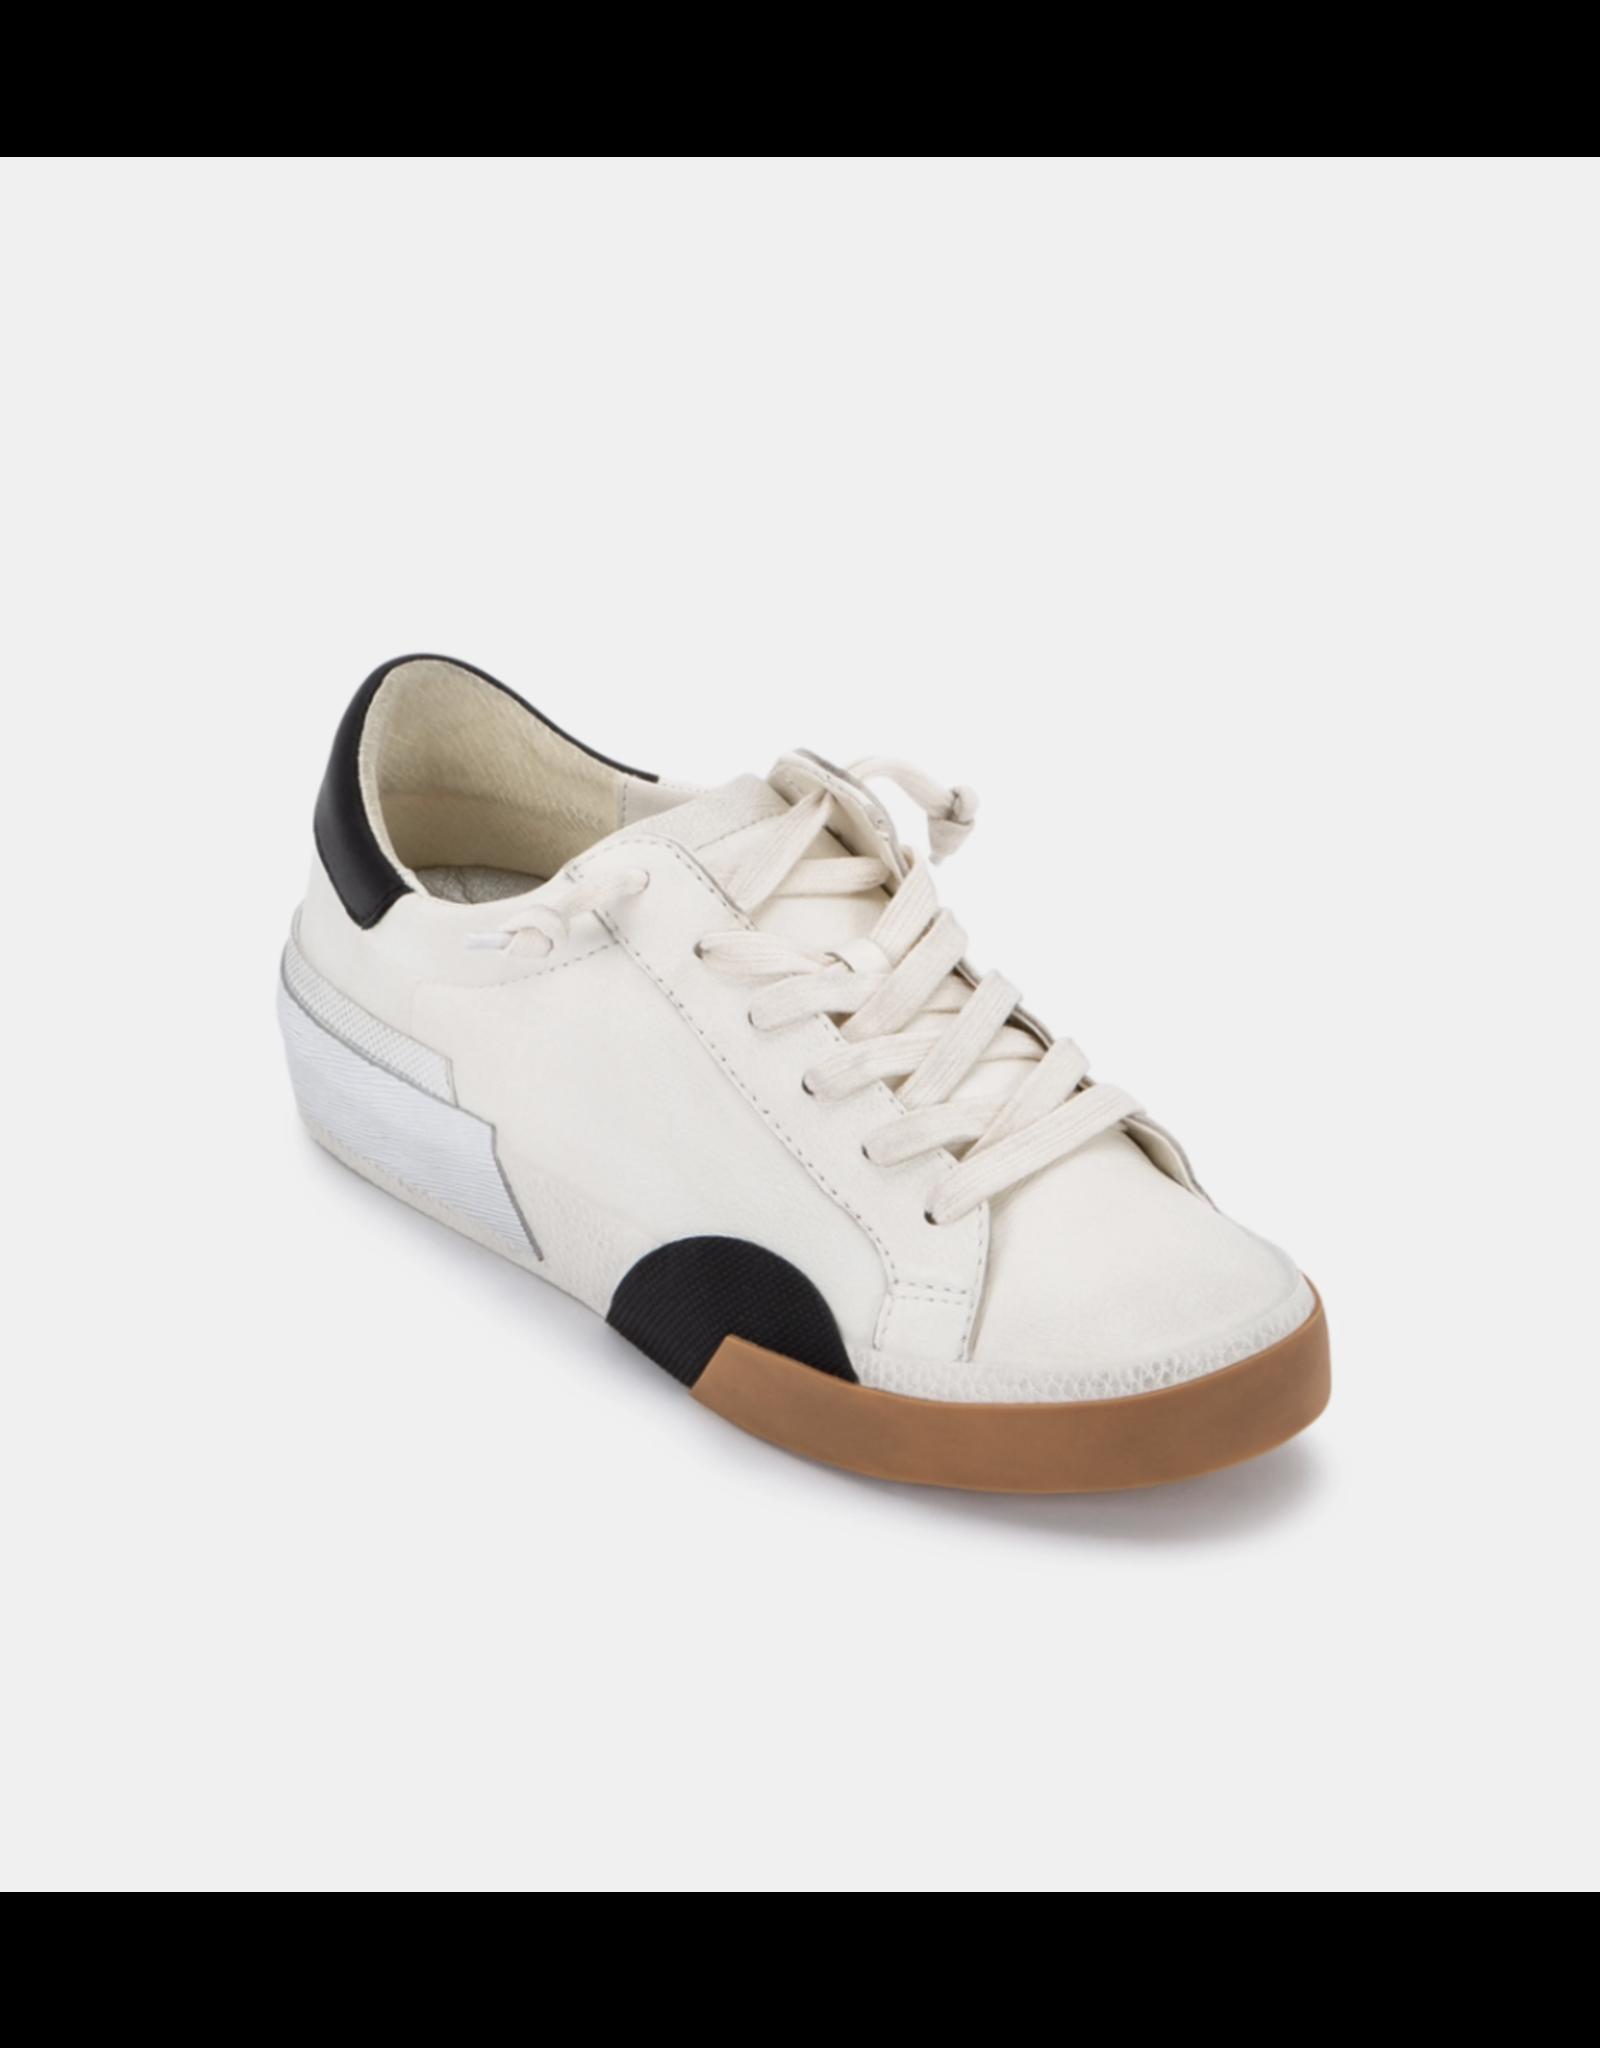 dolce vita dolce vita zina sneakers